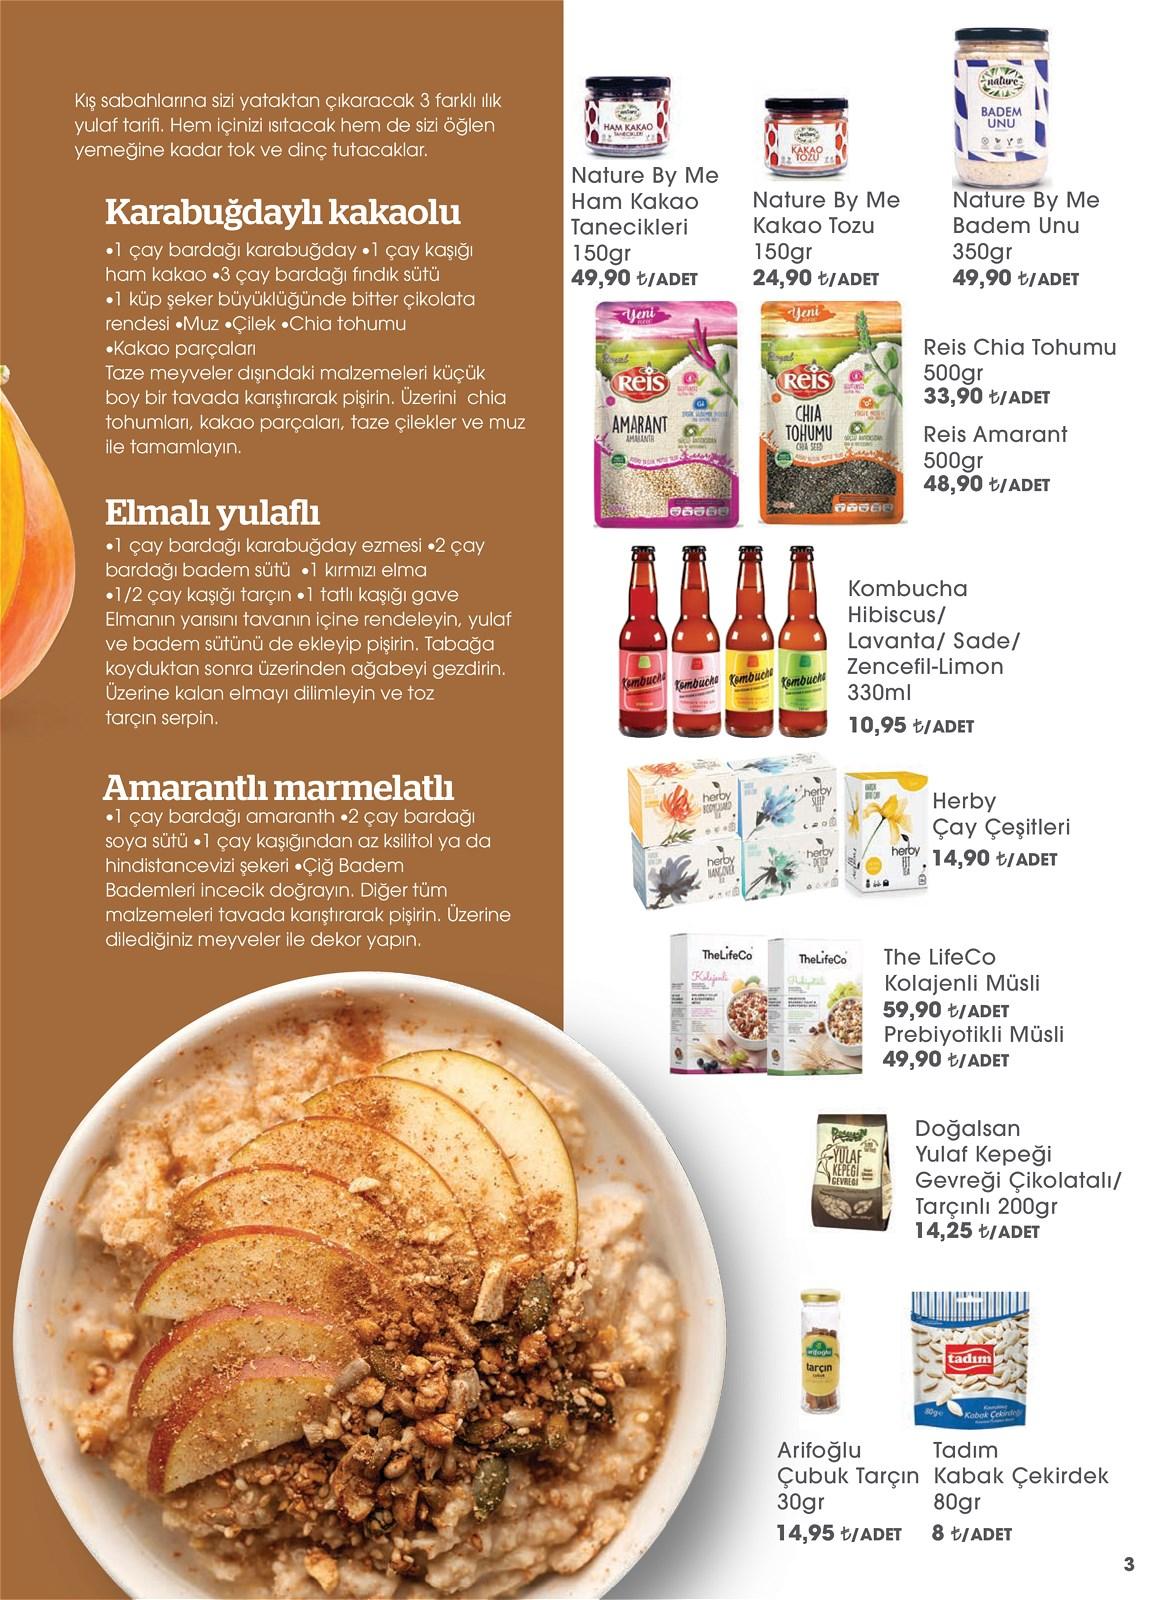 11.10.2021 CarrefourSA broşürü 3. sayfa